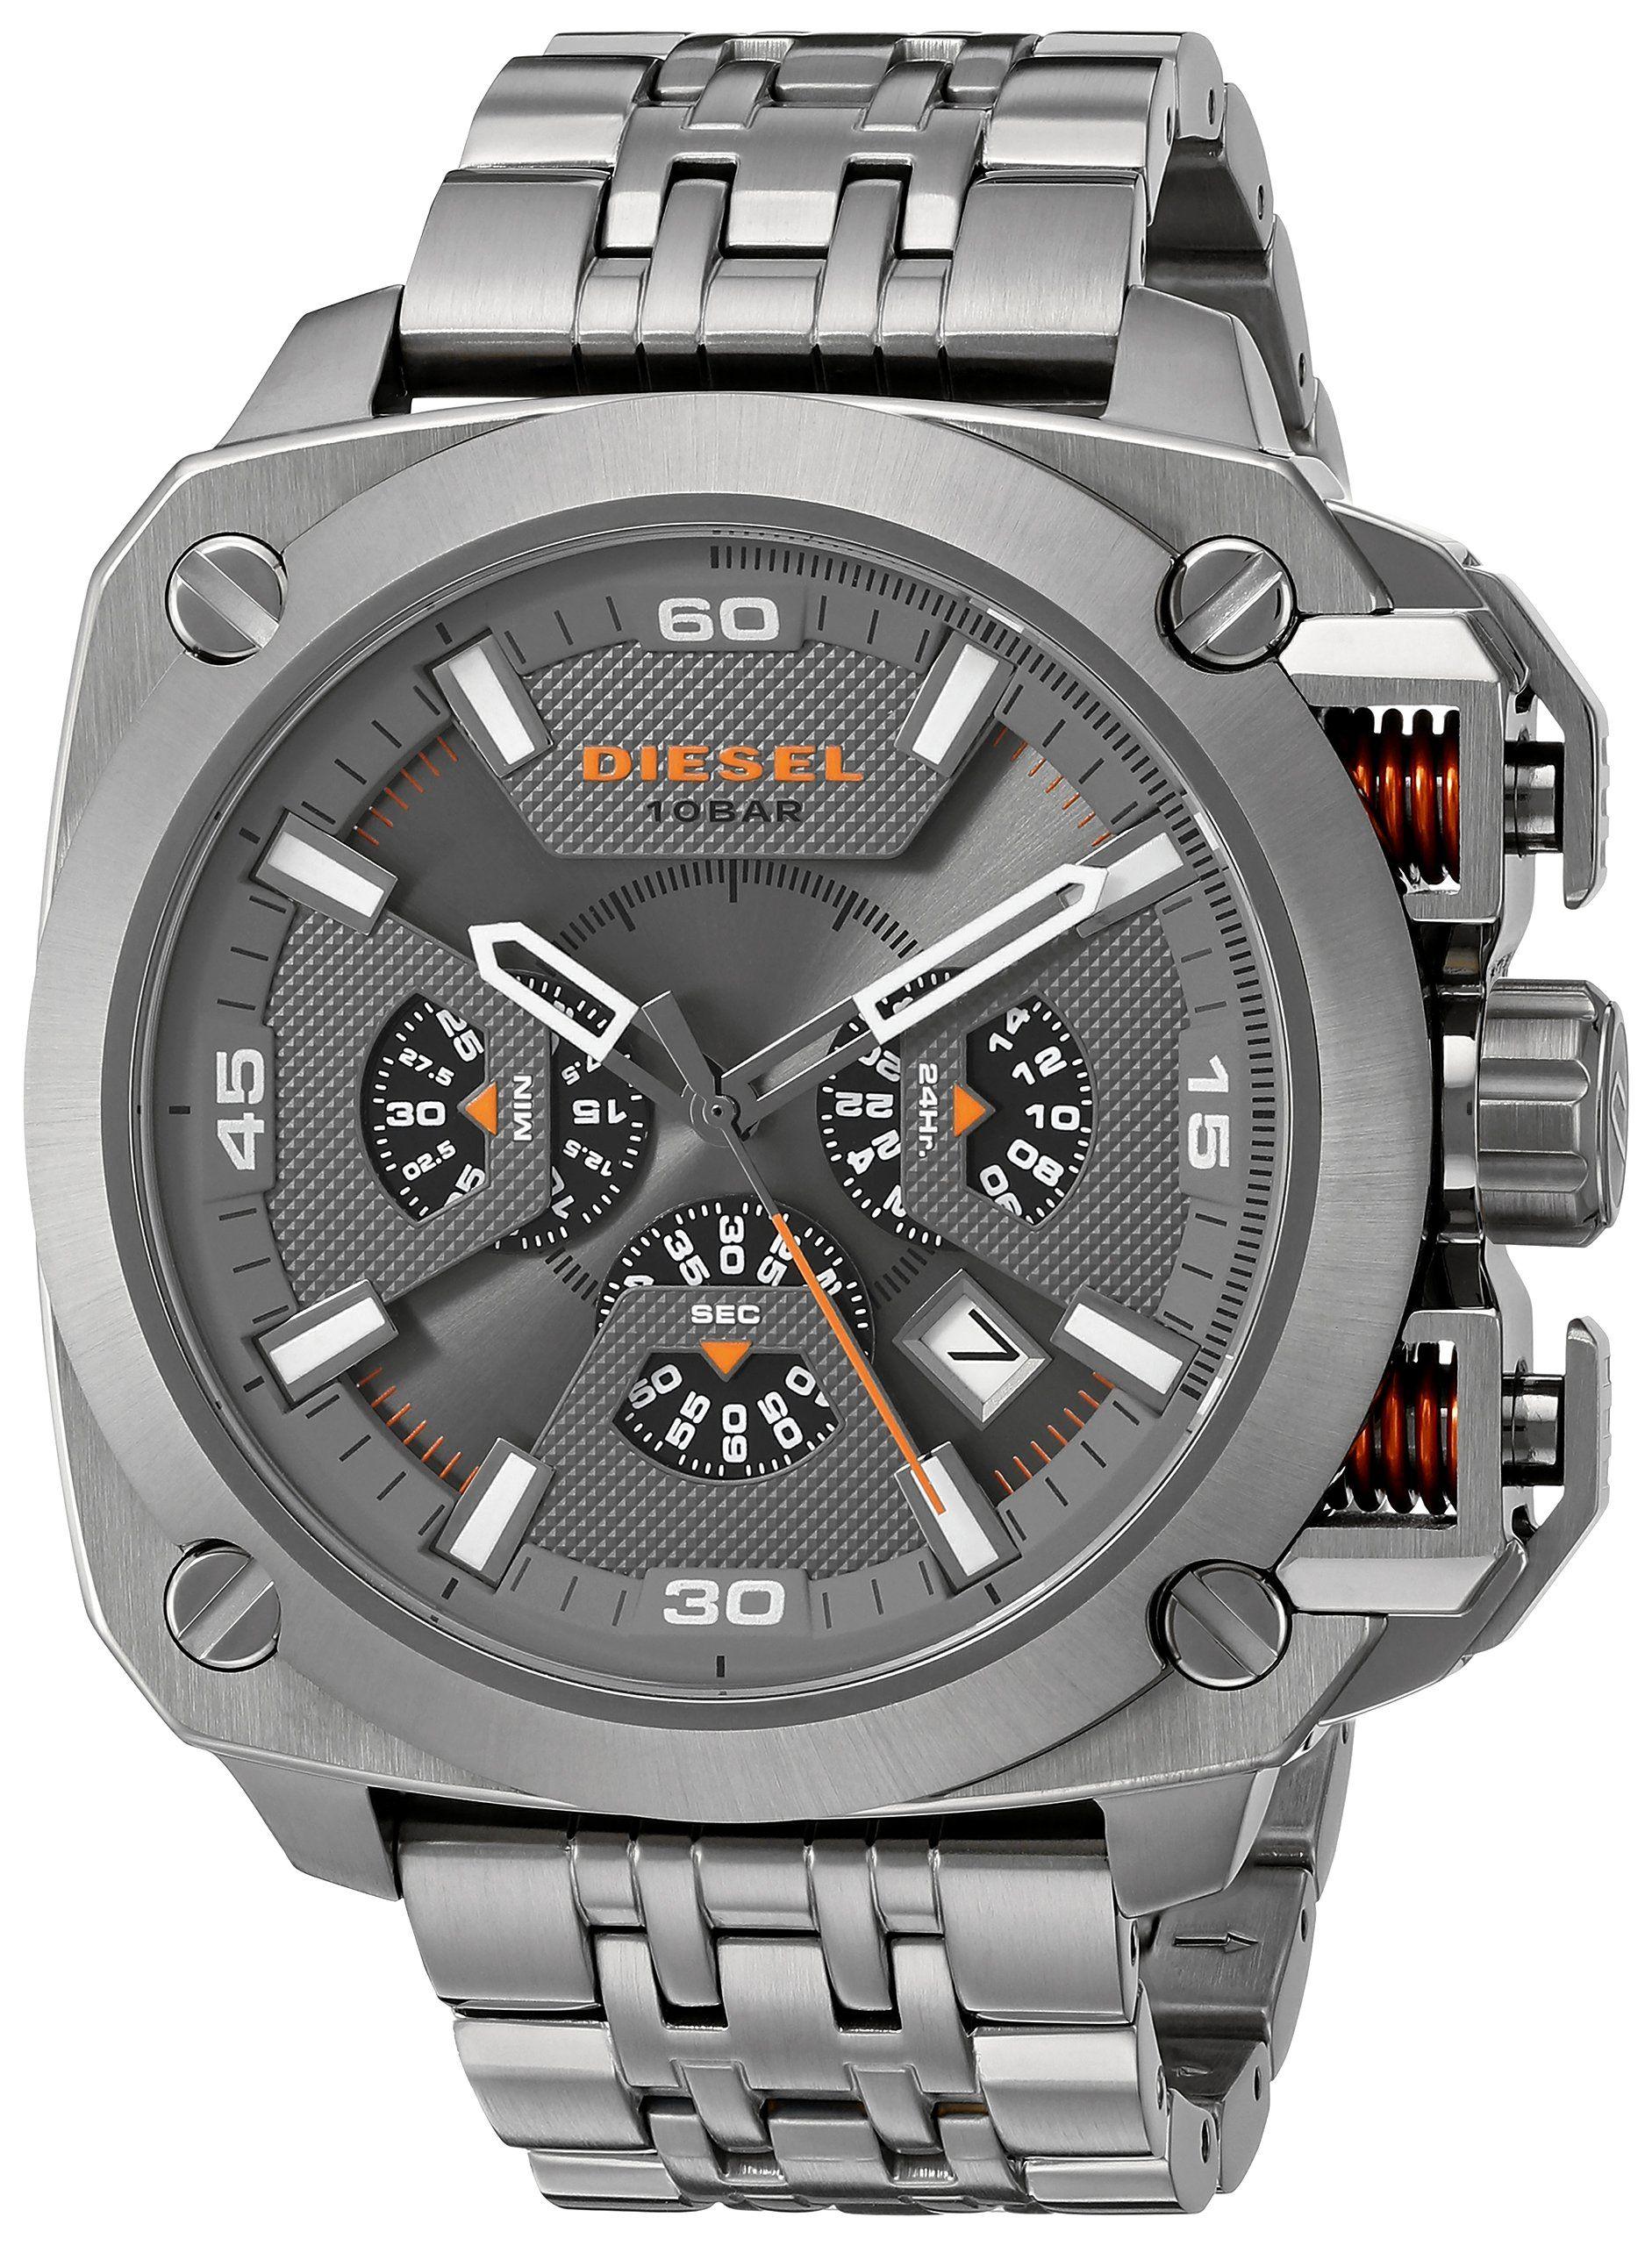 Diesel Men 39 S Dz7344 Analog Display Analog Quartz Grey Watch Watchs Pinterest Watches D